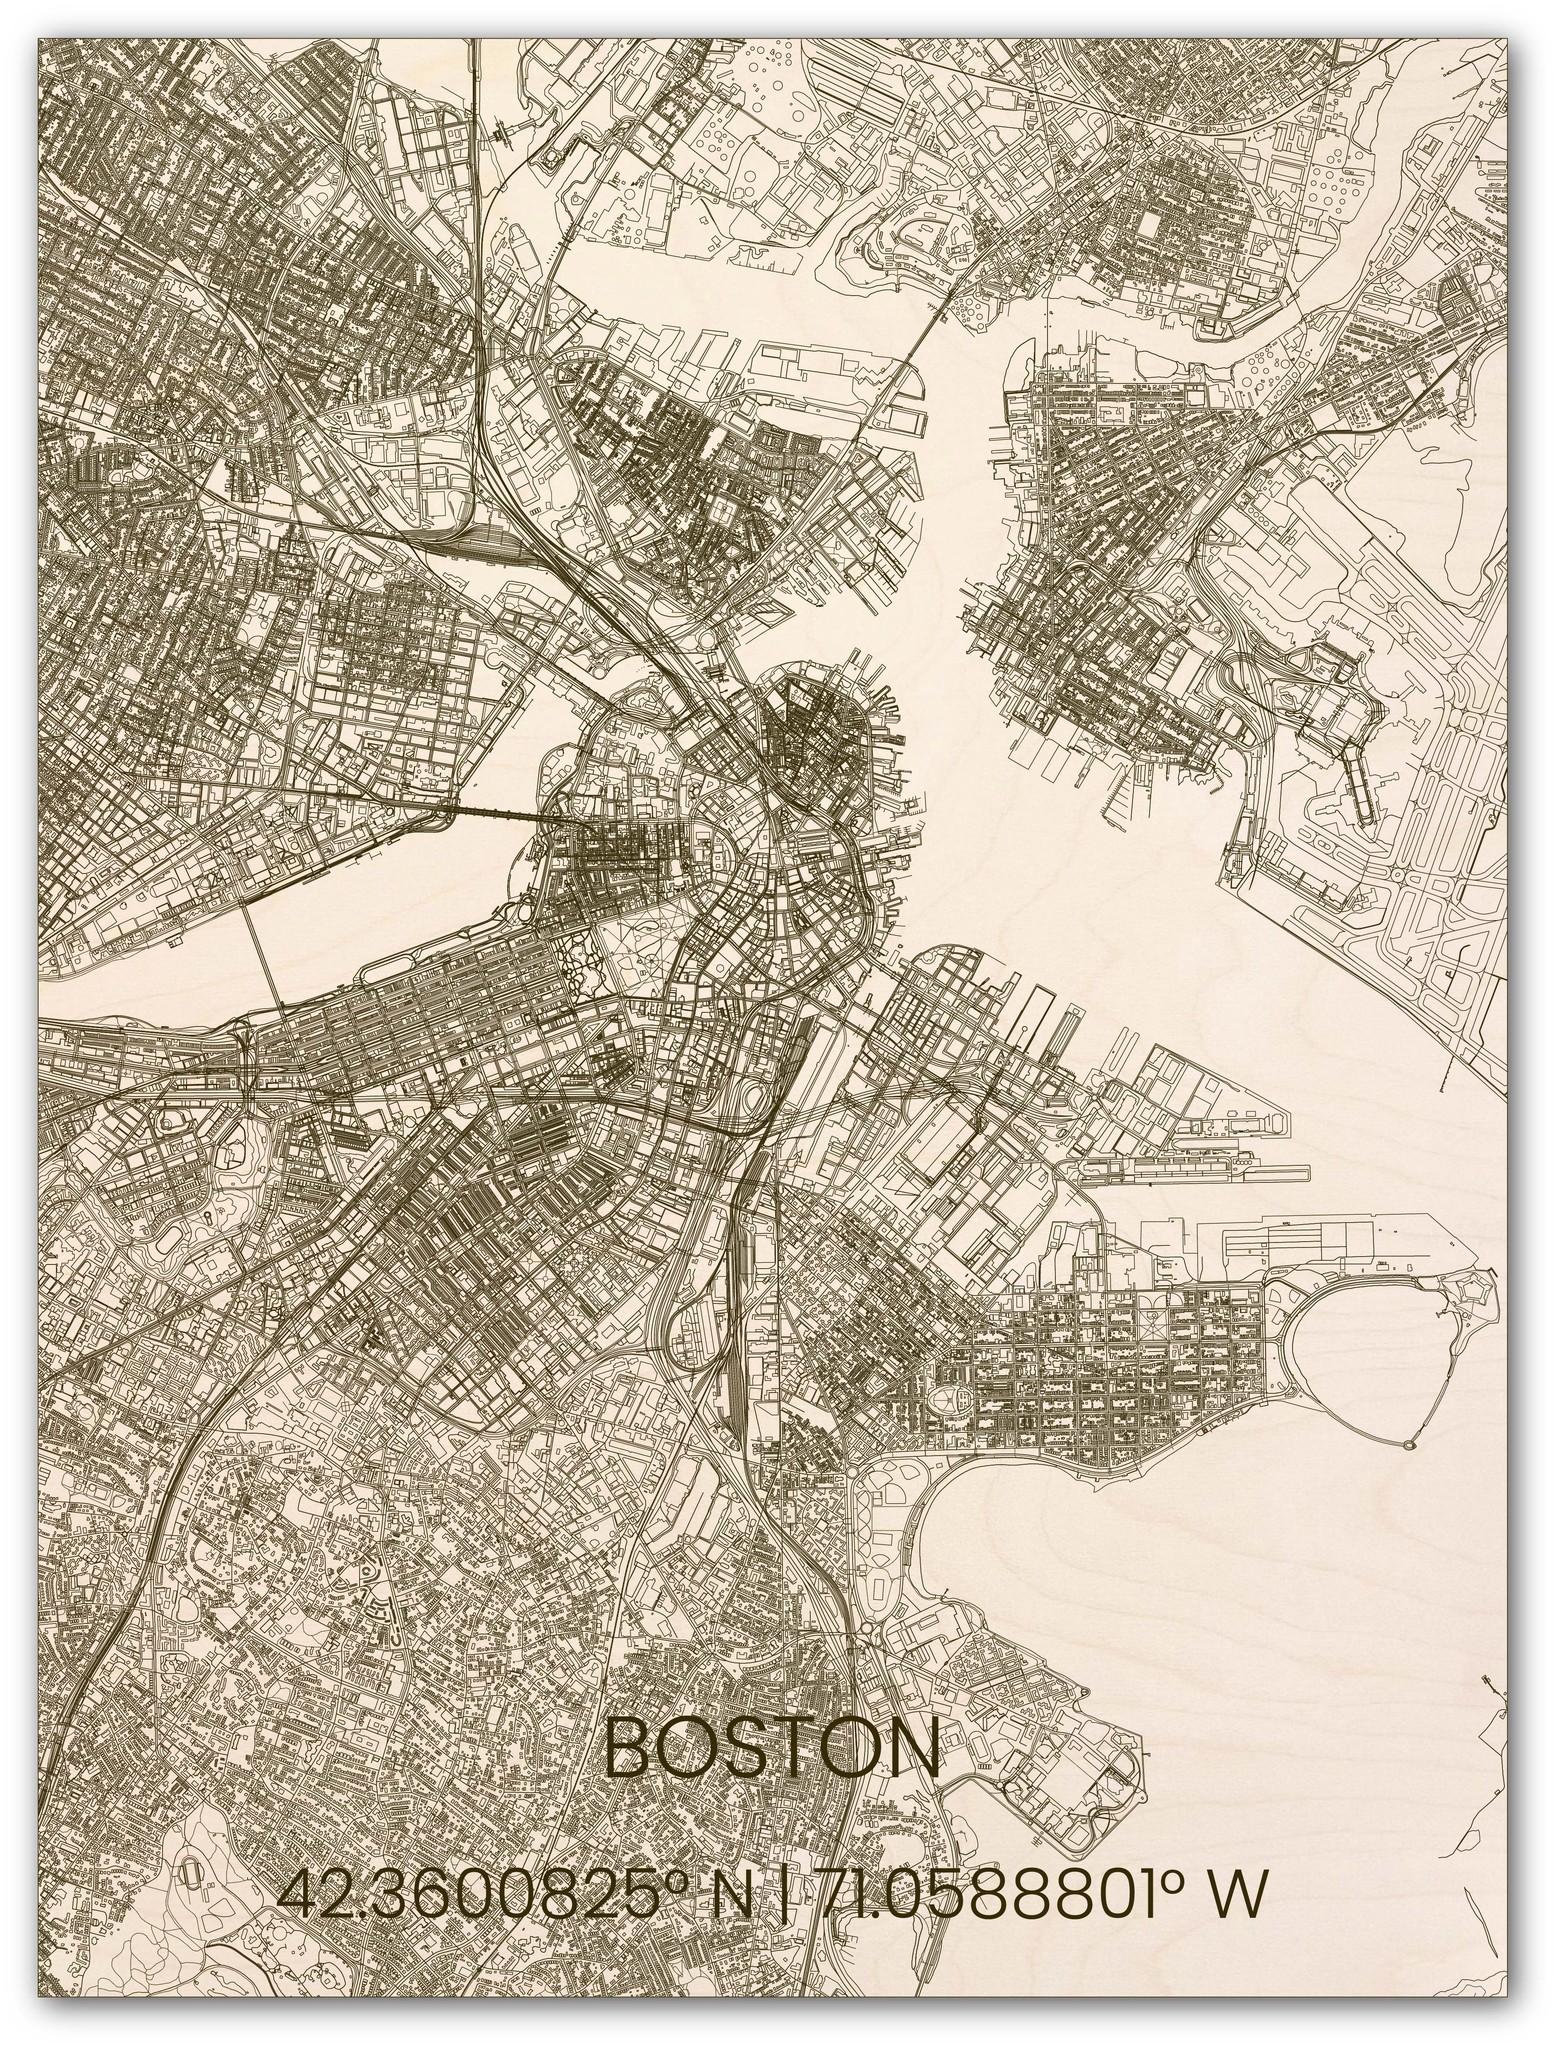 Houten stadsplattegrond Boston-1